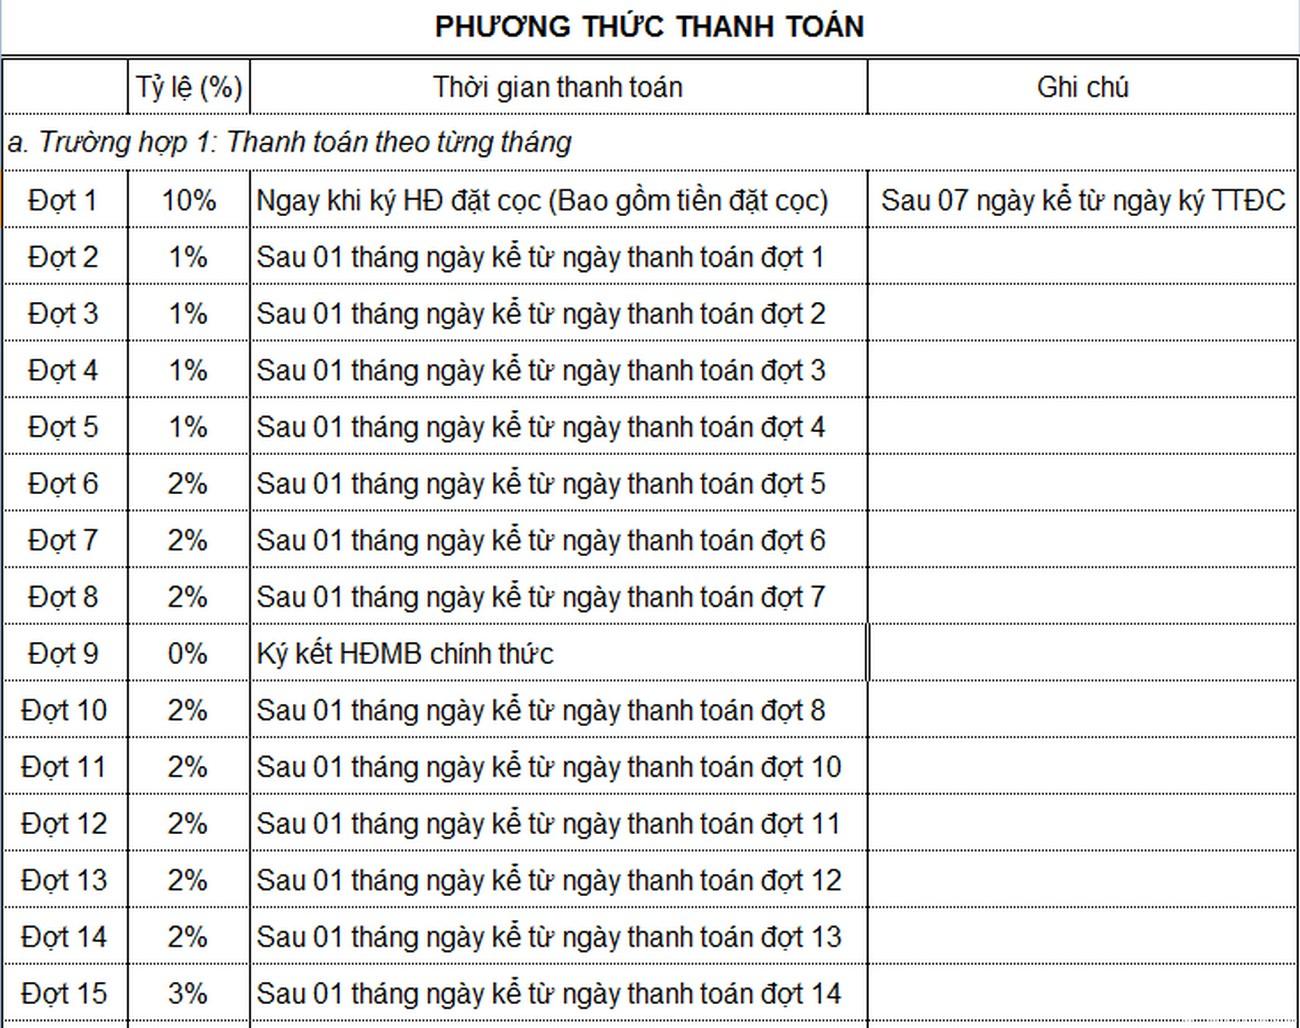 Phương thức thanh toán dự án Căn Hộ chung cư Đức Long Golden Land Quan 7 Đường Huỳnh Tấn Phát chủ đầu tư Đức Long Gia Lai